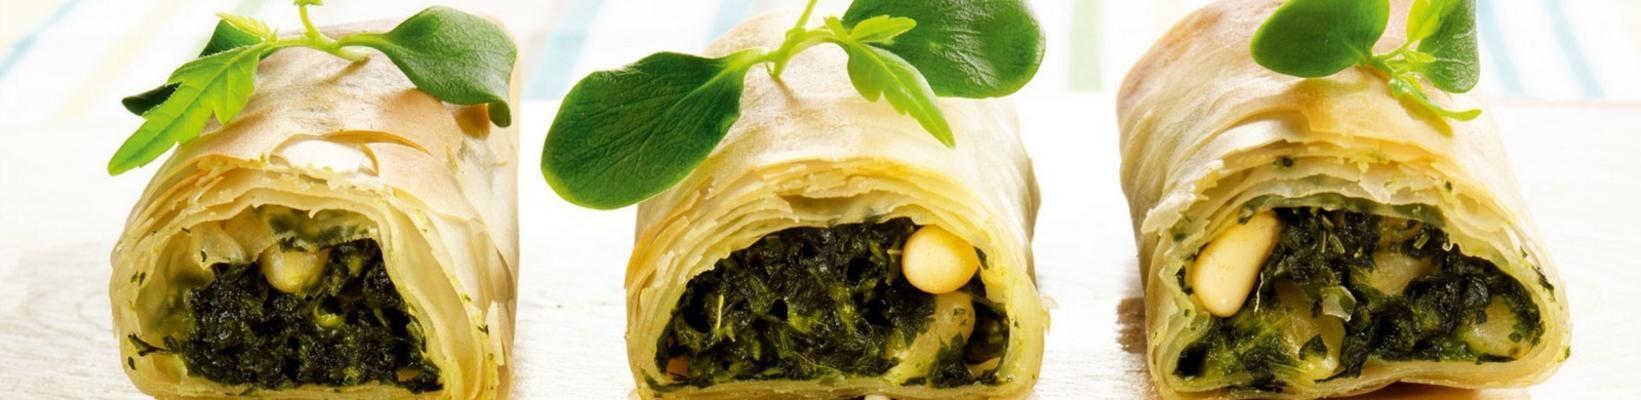 filo rolls with spinach and eru creme au bleu